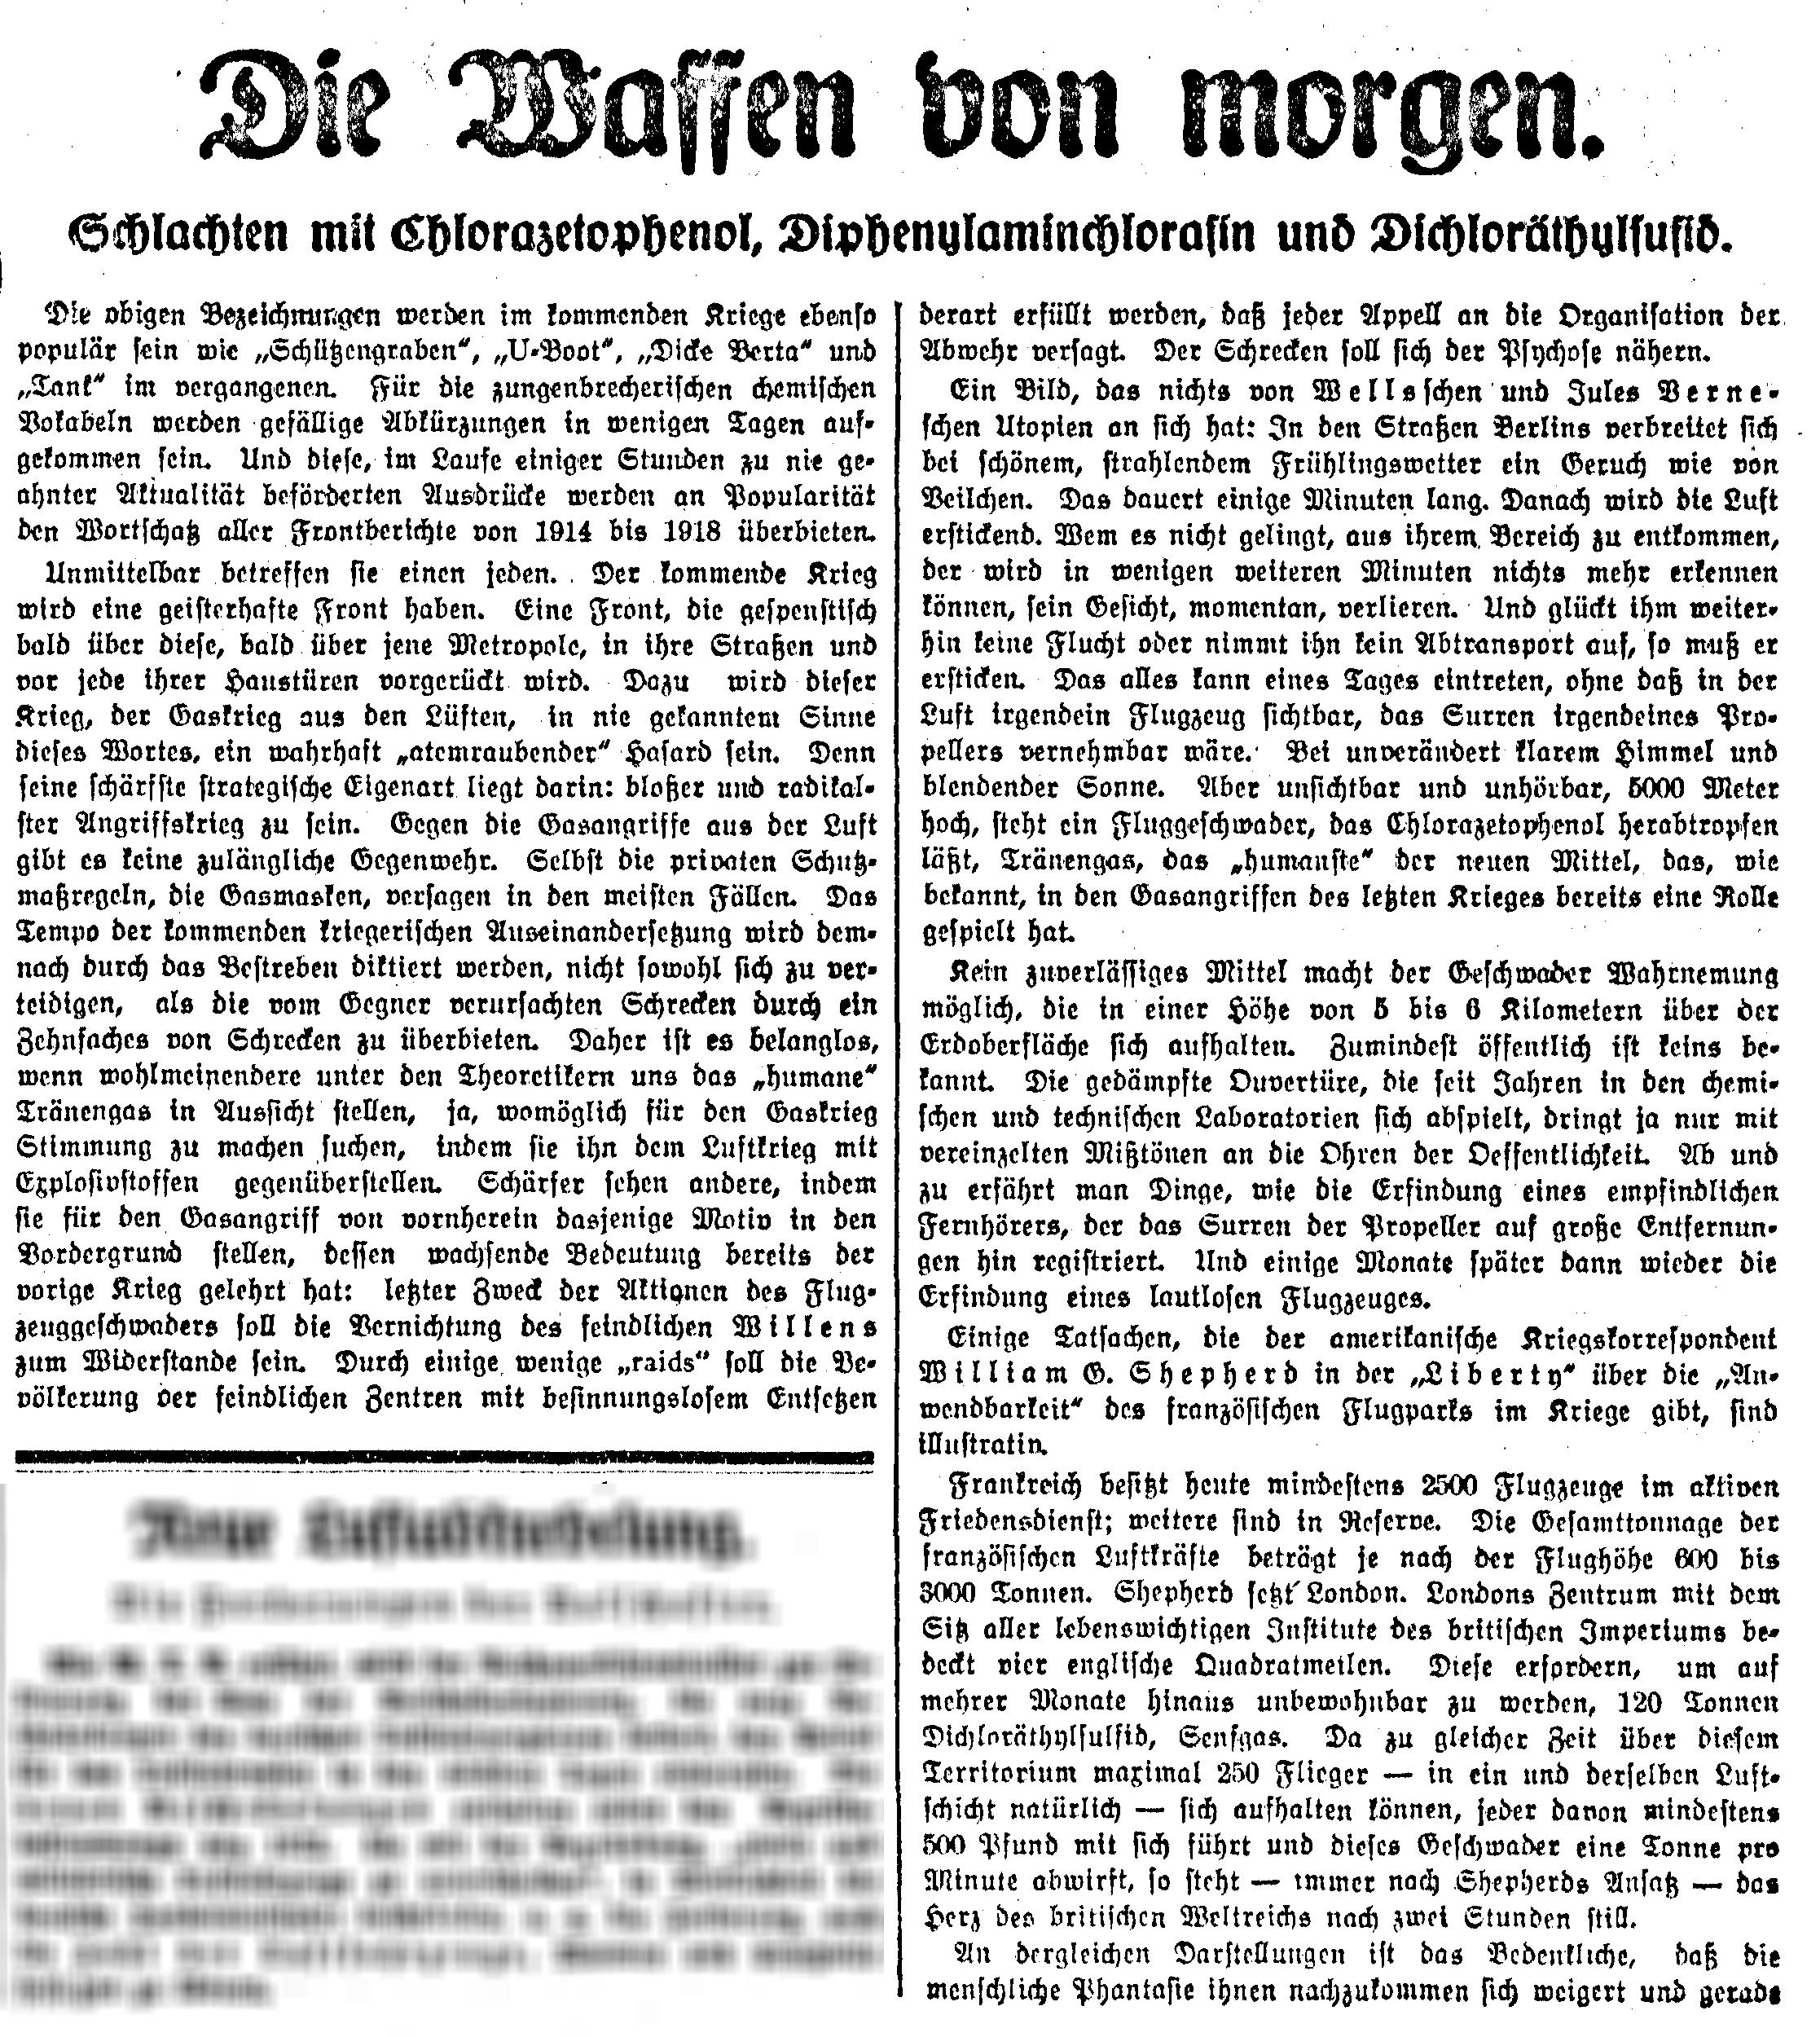 File:Die Waffen von morgen-1-Vossische Zeitung-1925.png - PNG Zeitung